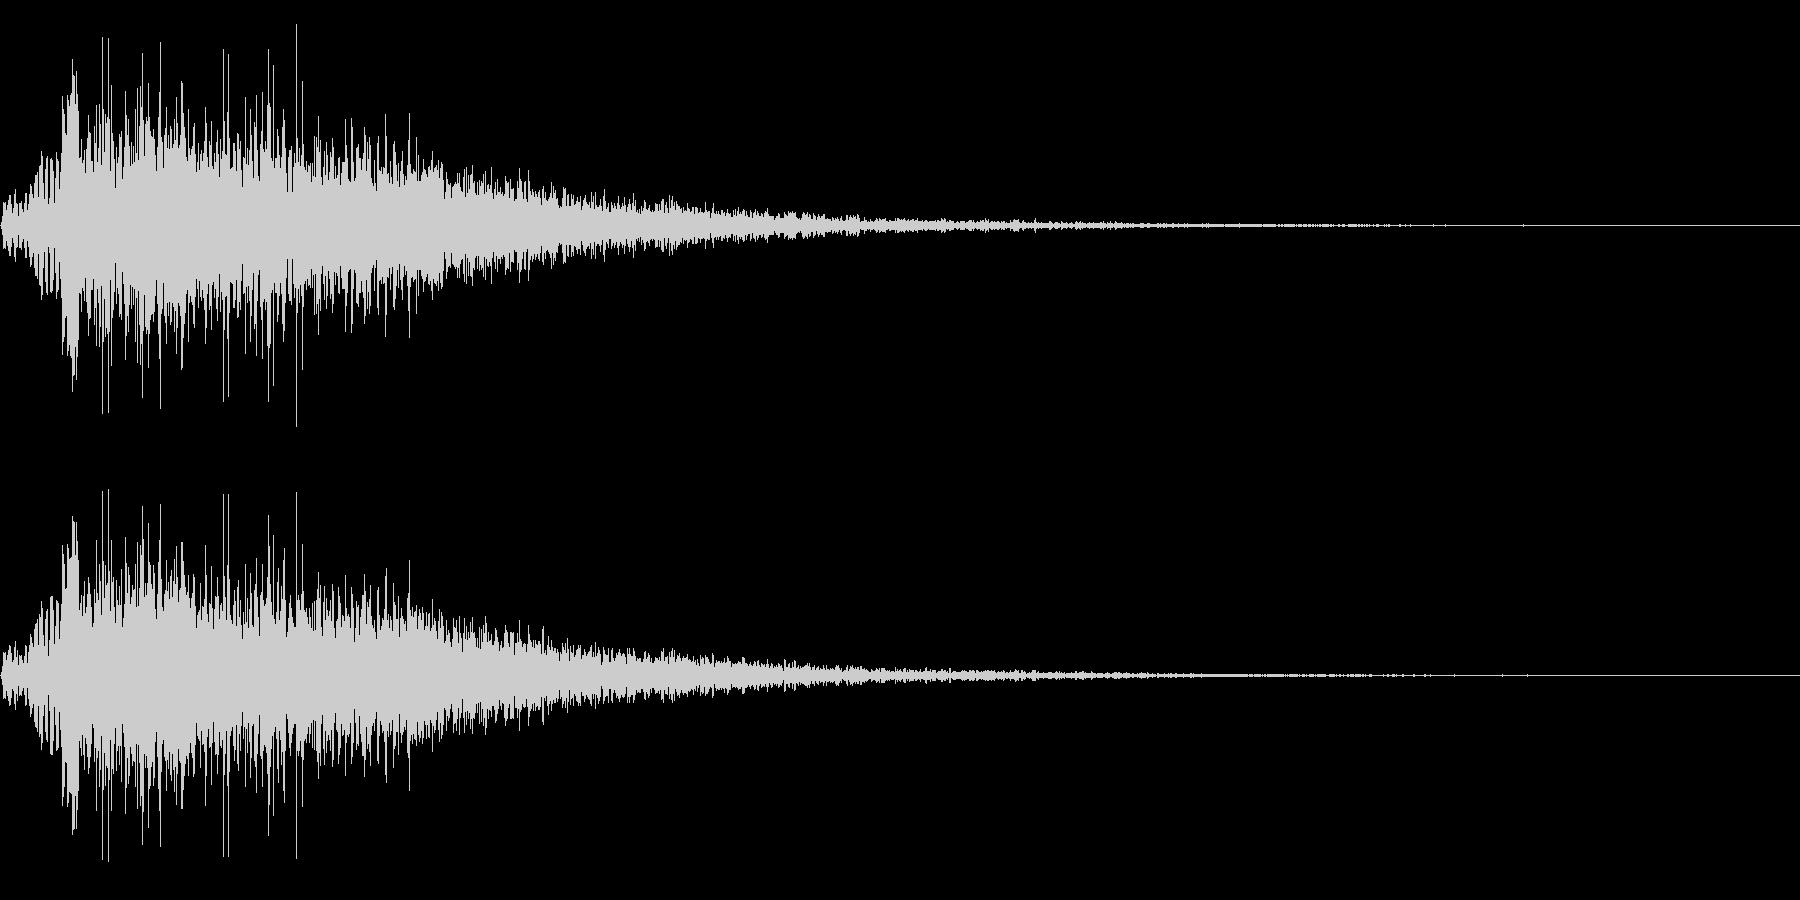 モンスター 咆哮 鳴き声 リバーブの未再生の波形